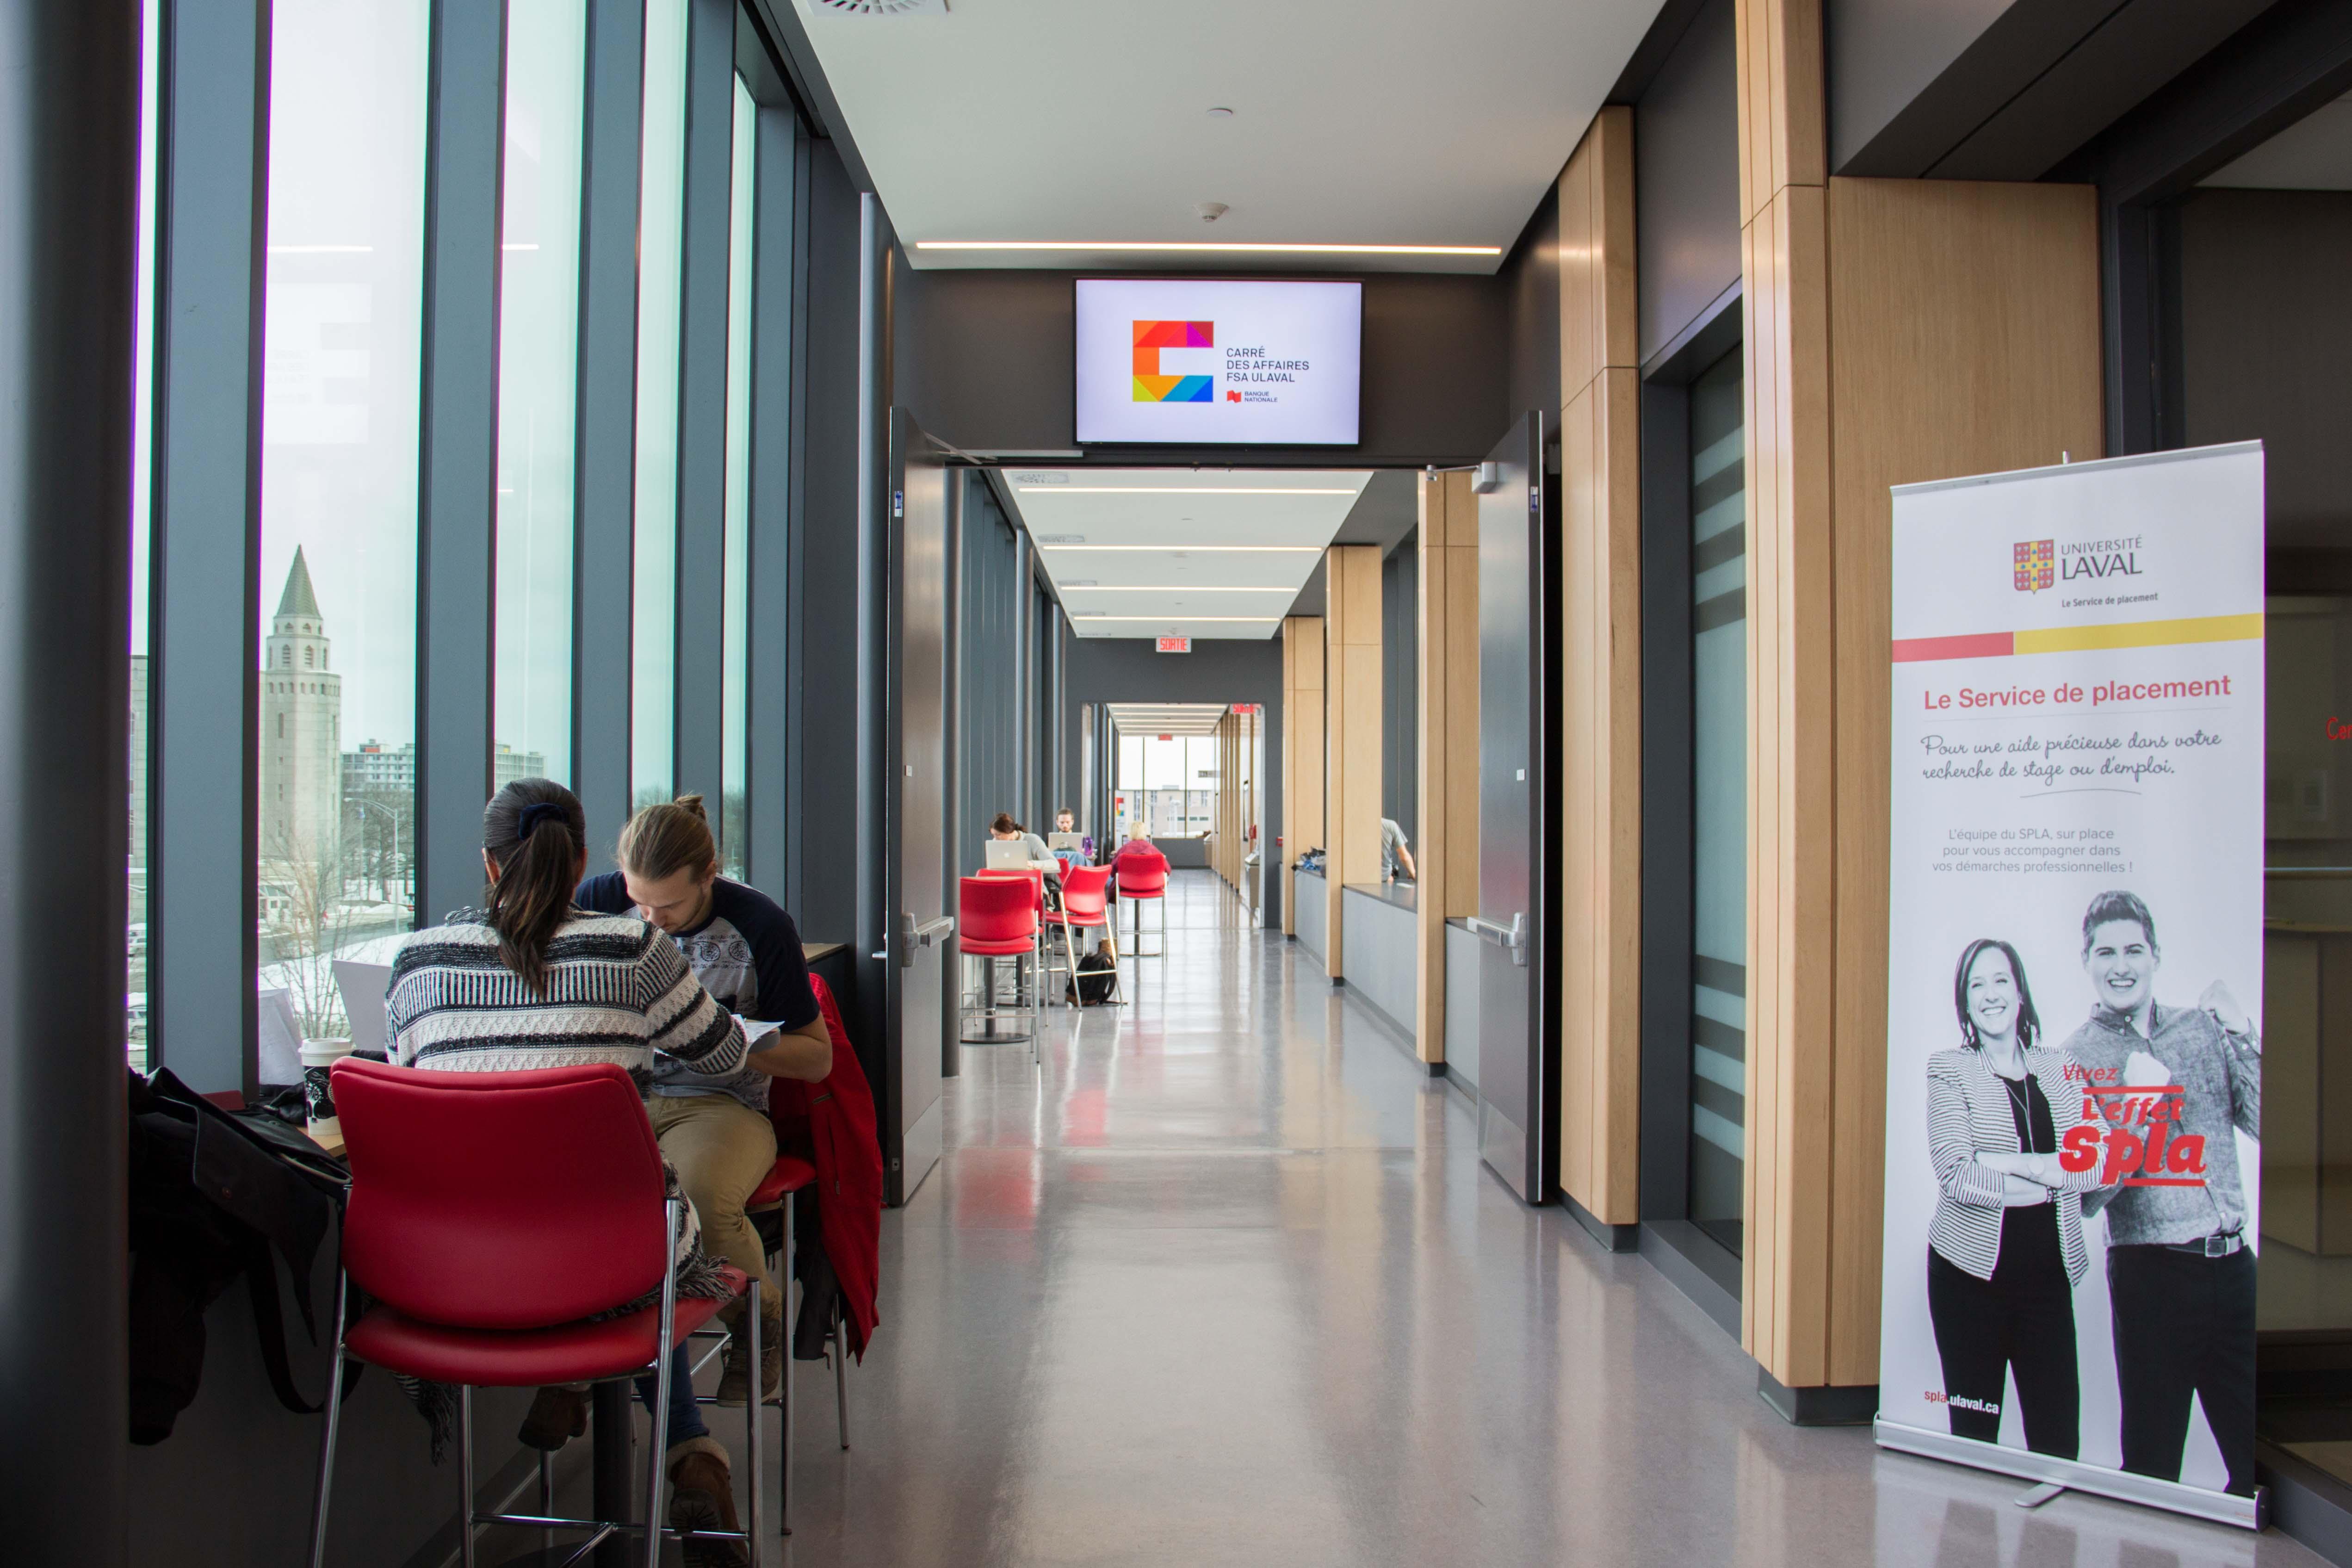 Bureau de registraire ulaval horaire laval université de montréal